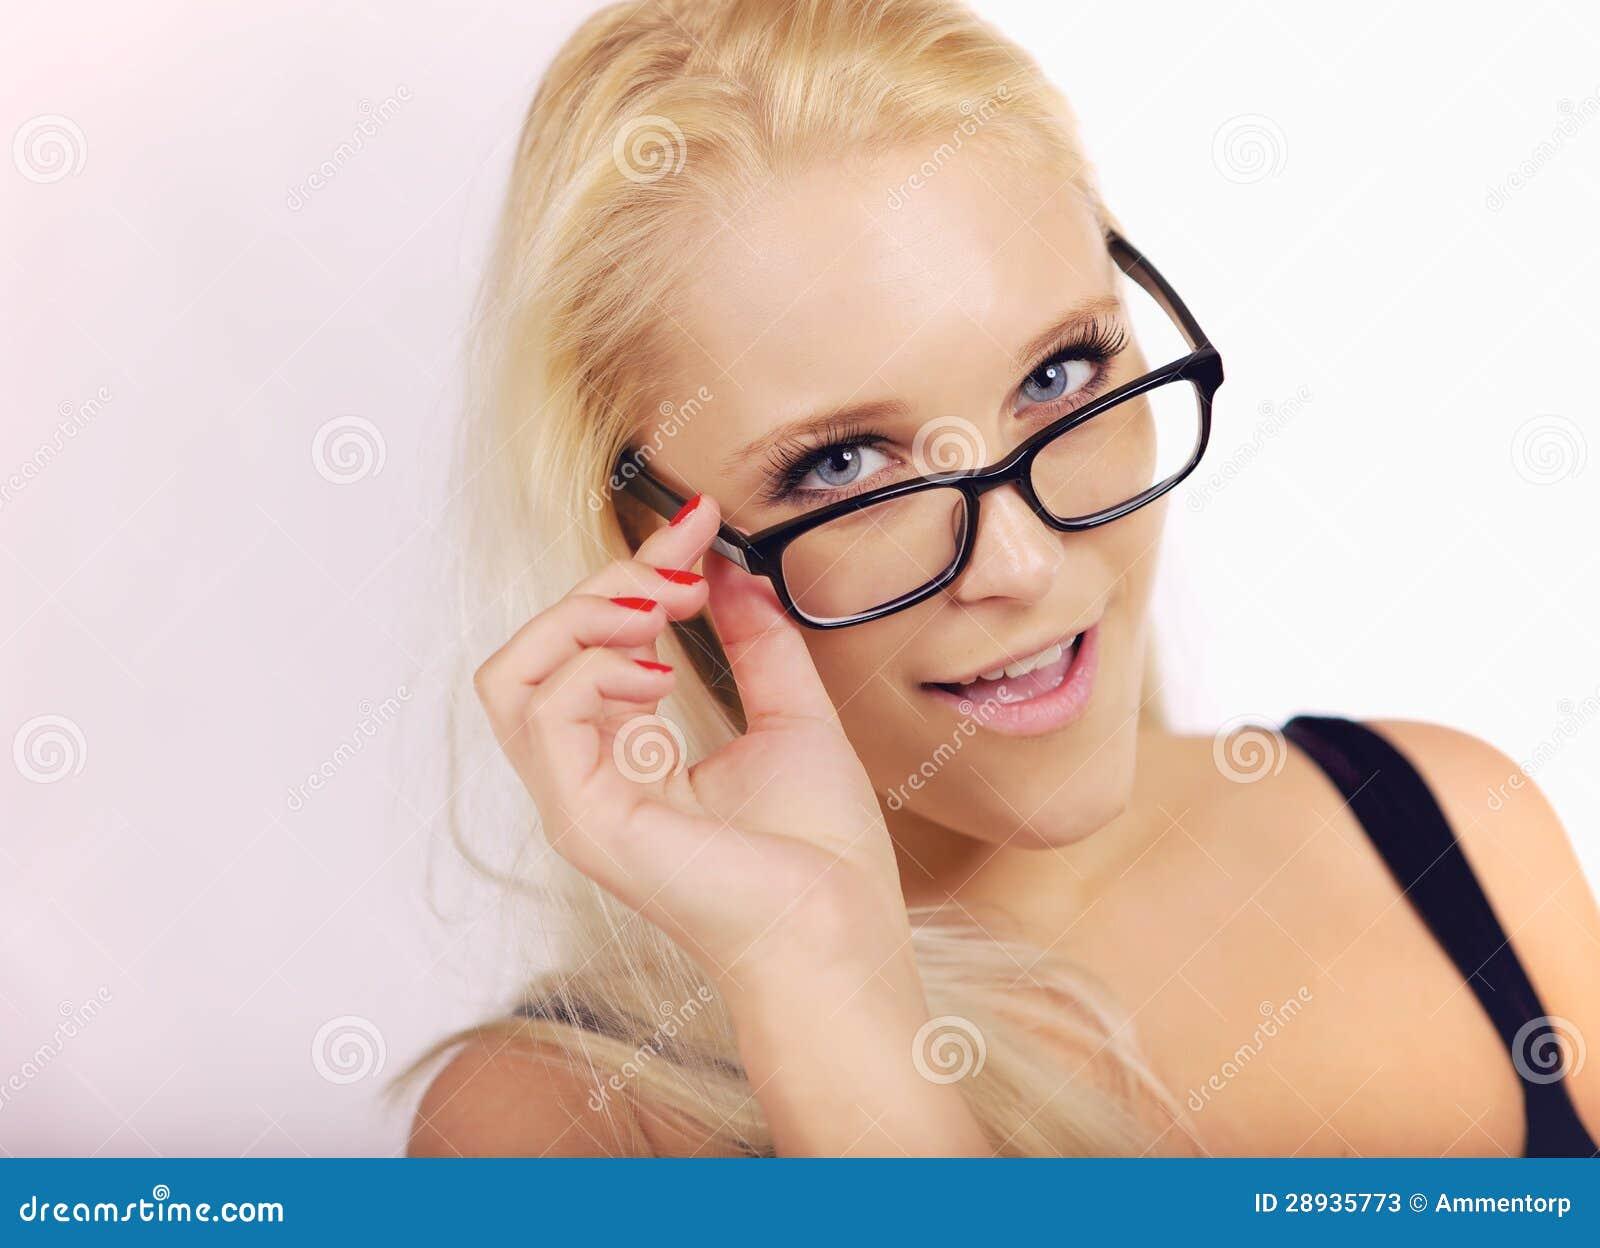 Muchacha bonita que parece muy elegante en sus gafas